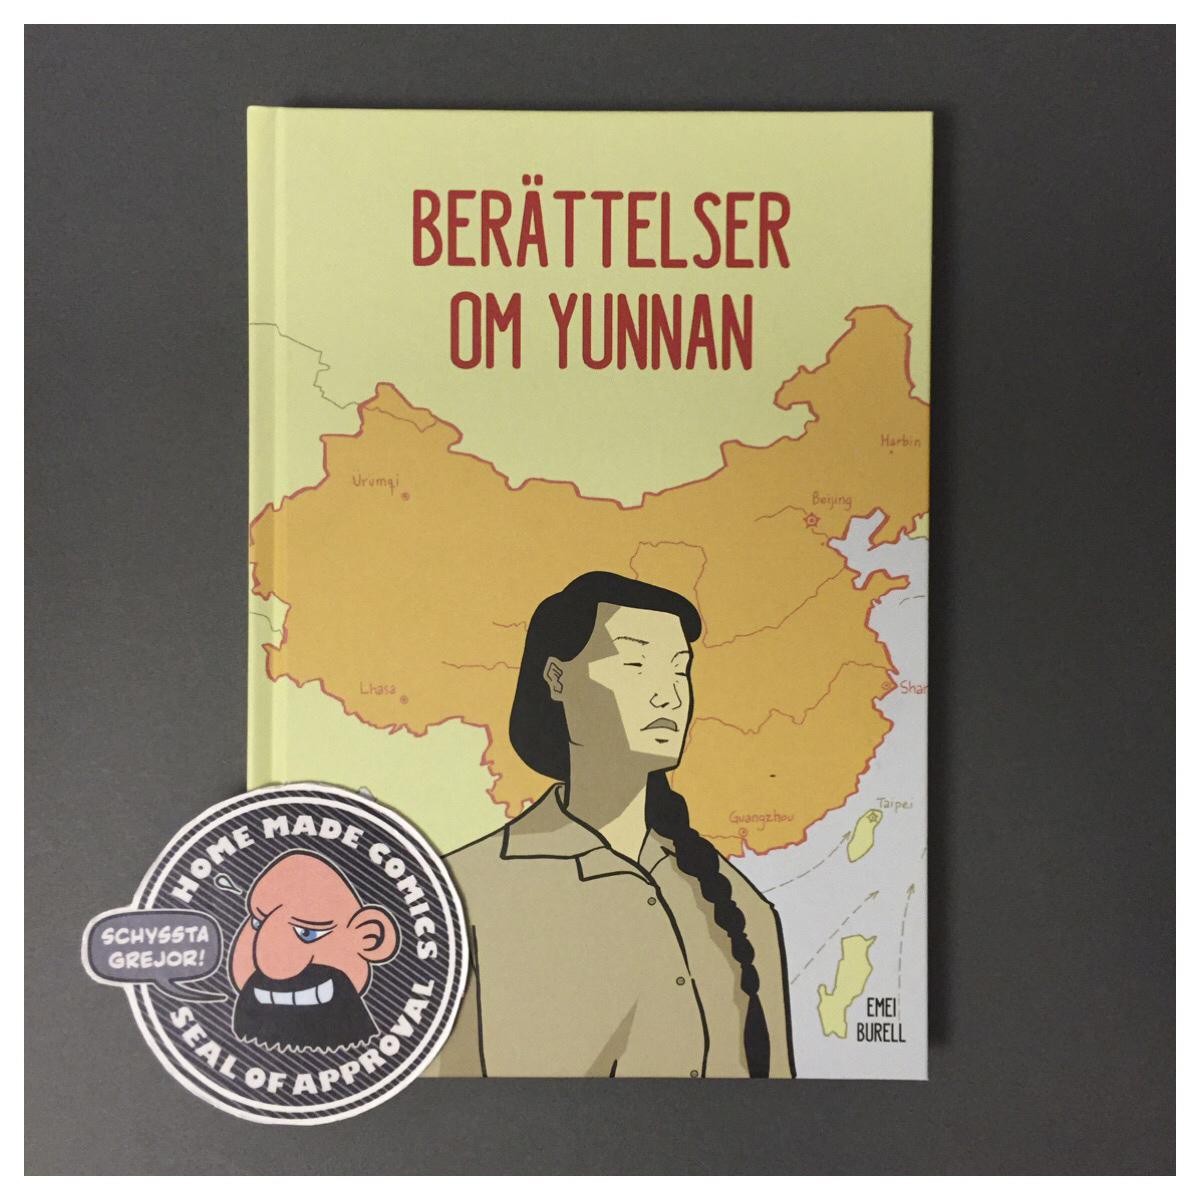 Home Made Comics Seal of Approval #223.Berättelser om Yunnan av Emei Burell utgiven av Tusen Serier 2017.